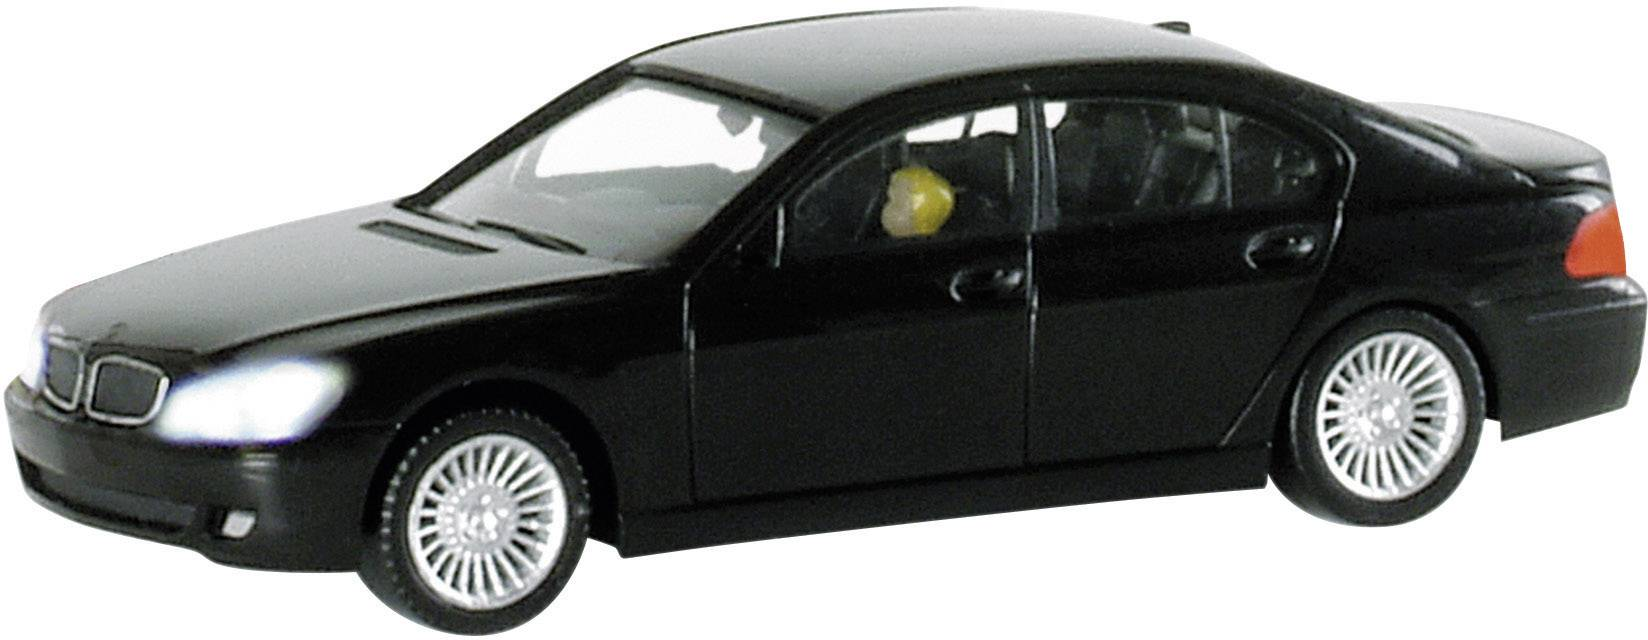 Herpa Modellauto 461337 H0 BMW 7e facelift met verlichting Tijdperk ...